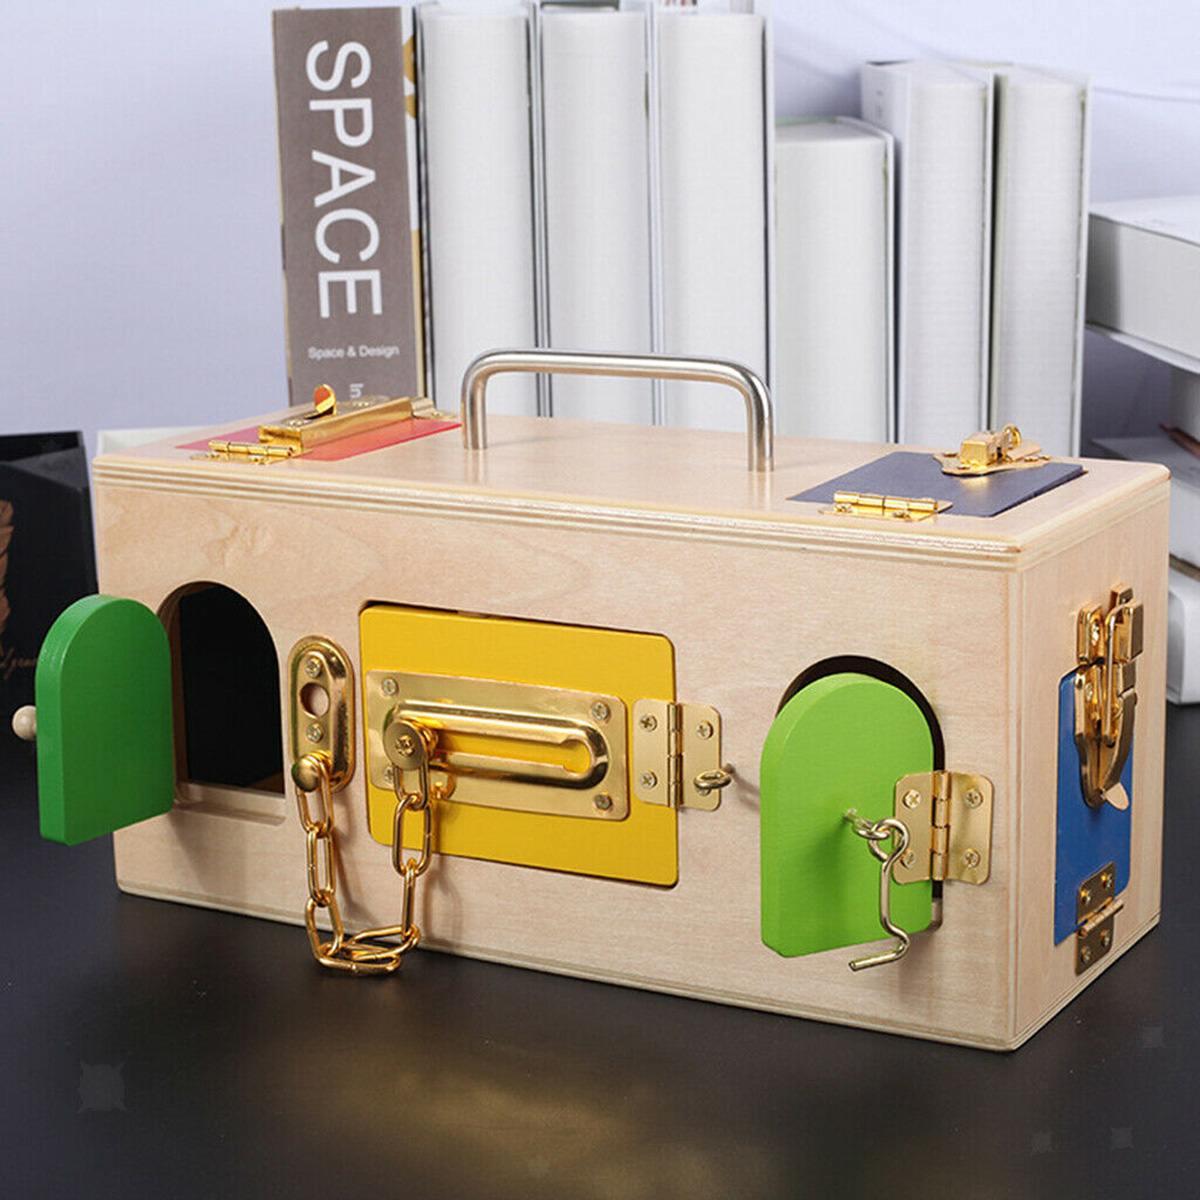 Montessori serrure boîte vie pratique jouet ouvrir la serrure clé éducatifs en bois jouets pour enfants de base et compétences de la vie jouets d'apprentissage - 5